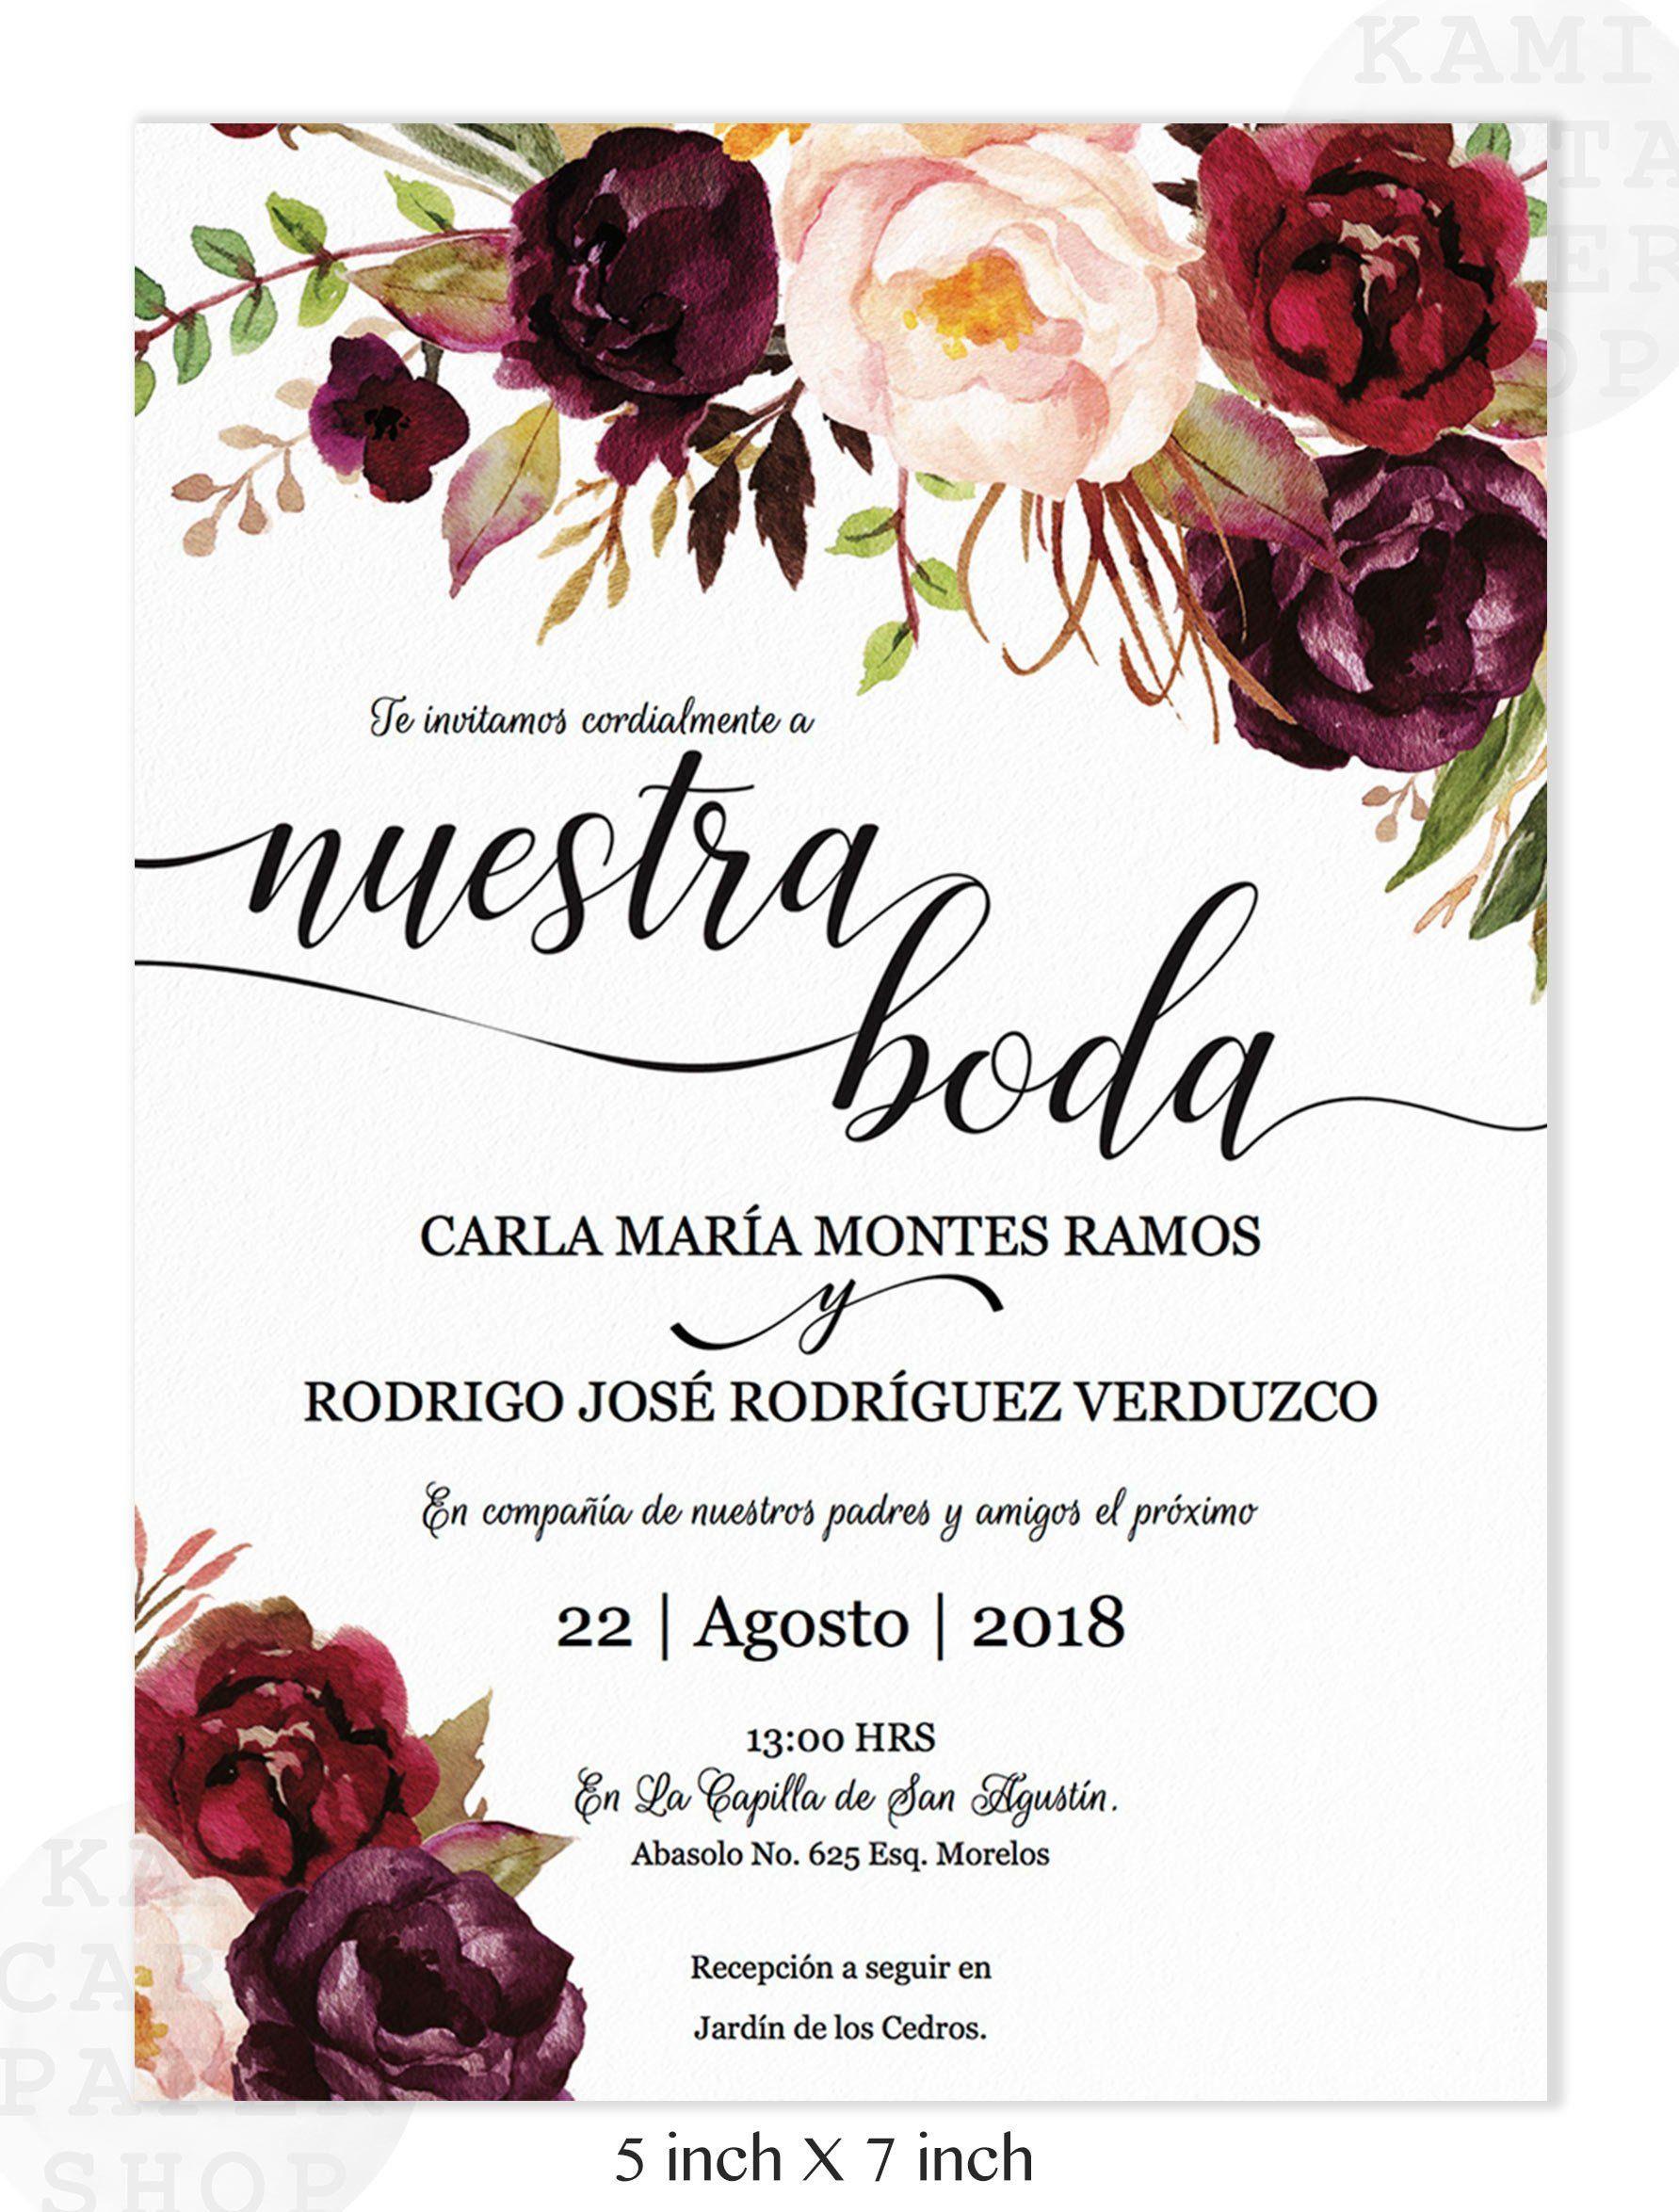 6d4881d1e Invitación de Boda, Instant Download, Classico Moderno, Nuestra Boda ...